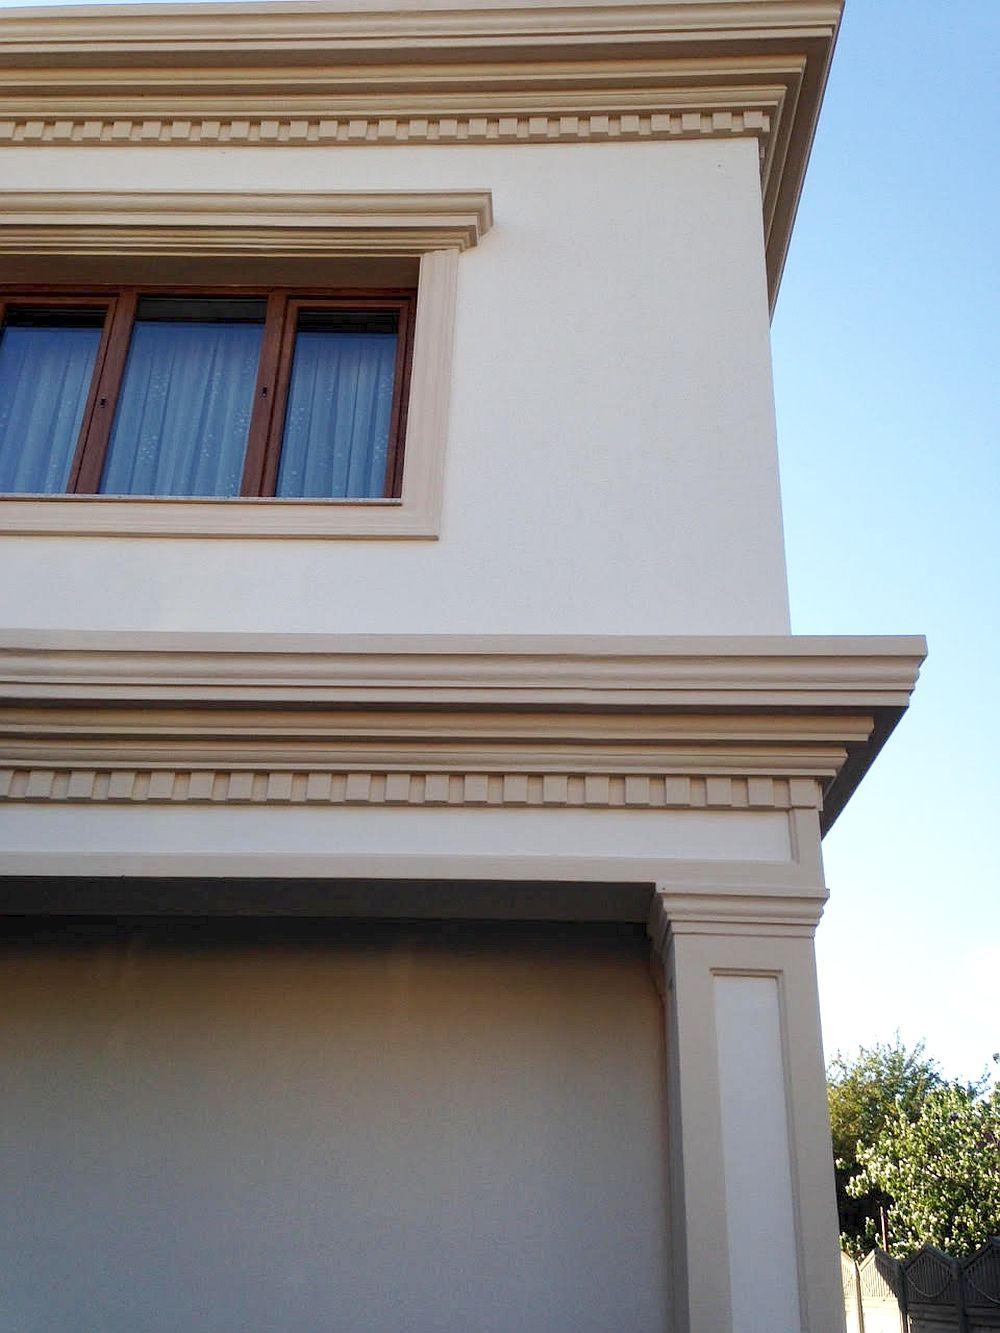 adelaparvu.com despre fatade exterioare redecorate cu profile decorative, lucrare CoArtCo (7)